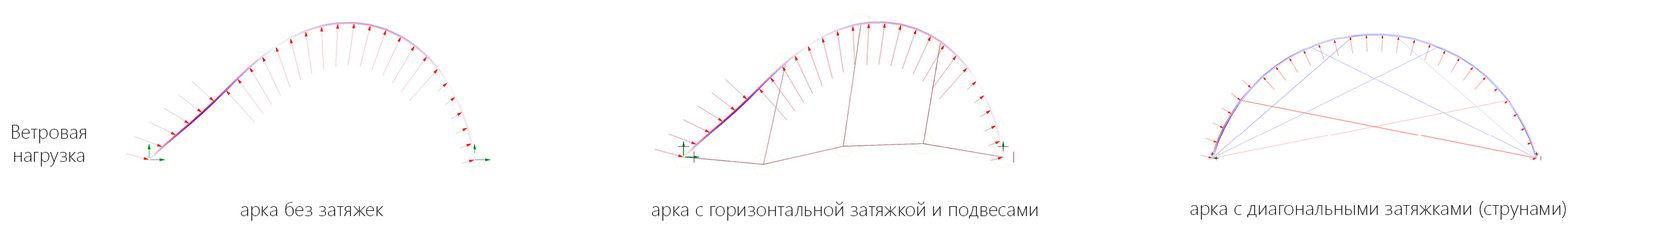 арки без затяжек, с одной затяжной и с лучевыми струнами. расчетная модель